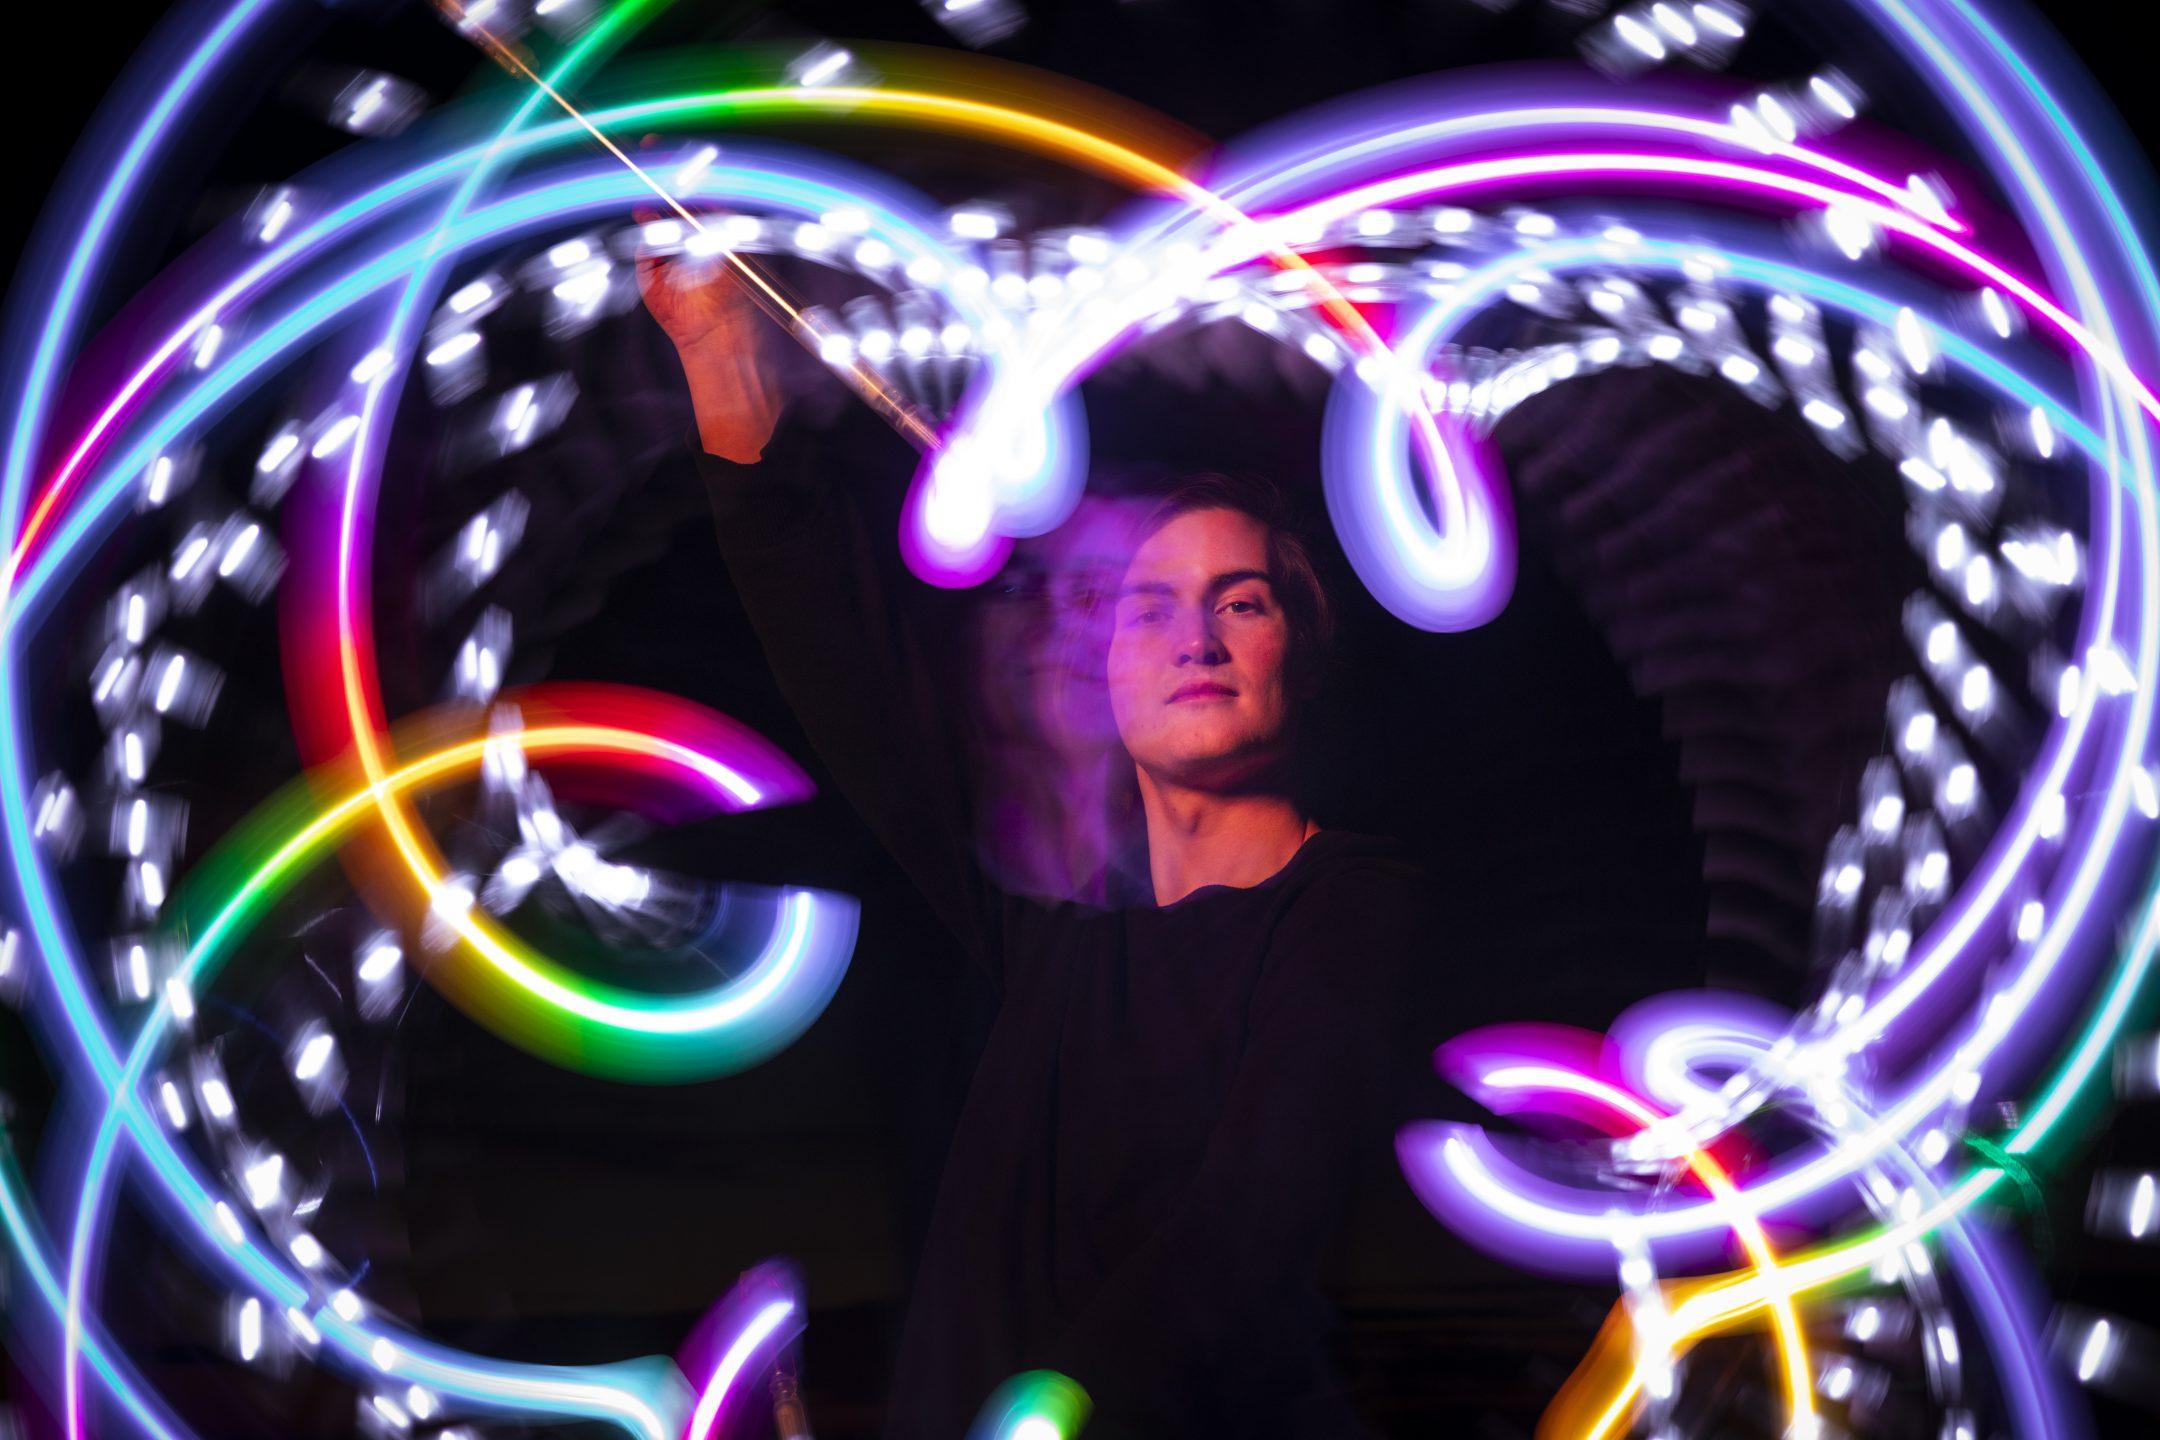 A glow artist wearing black swirls multicolored lights in a pattern